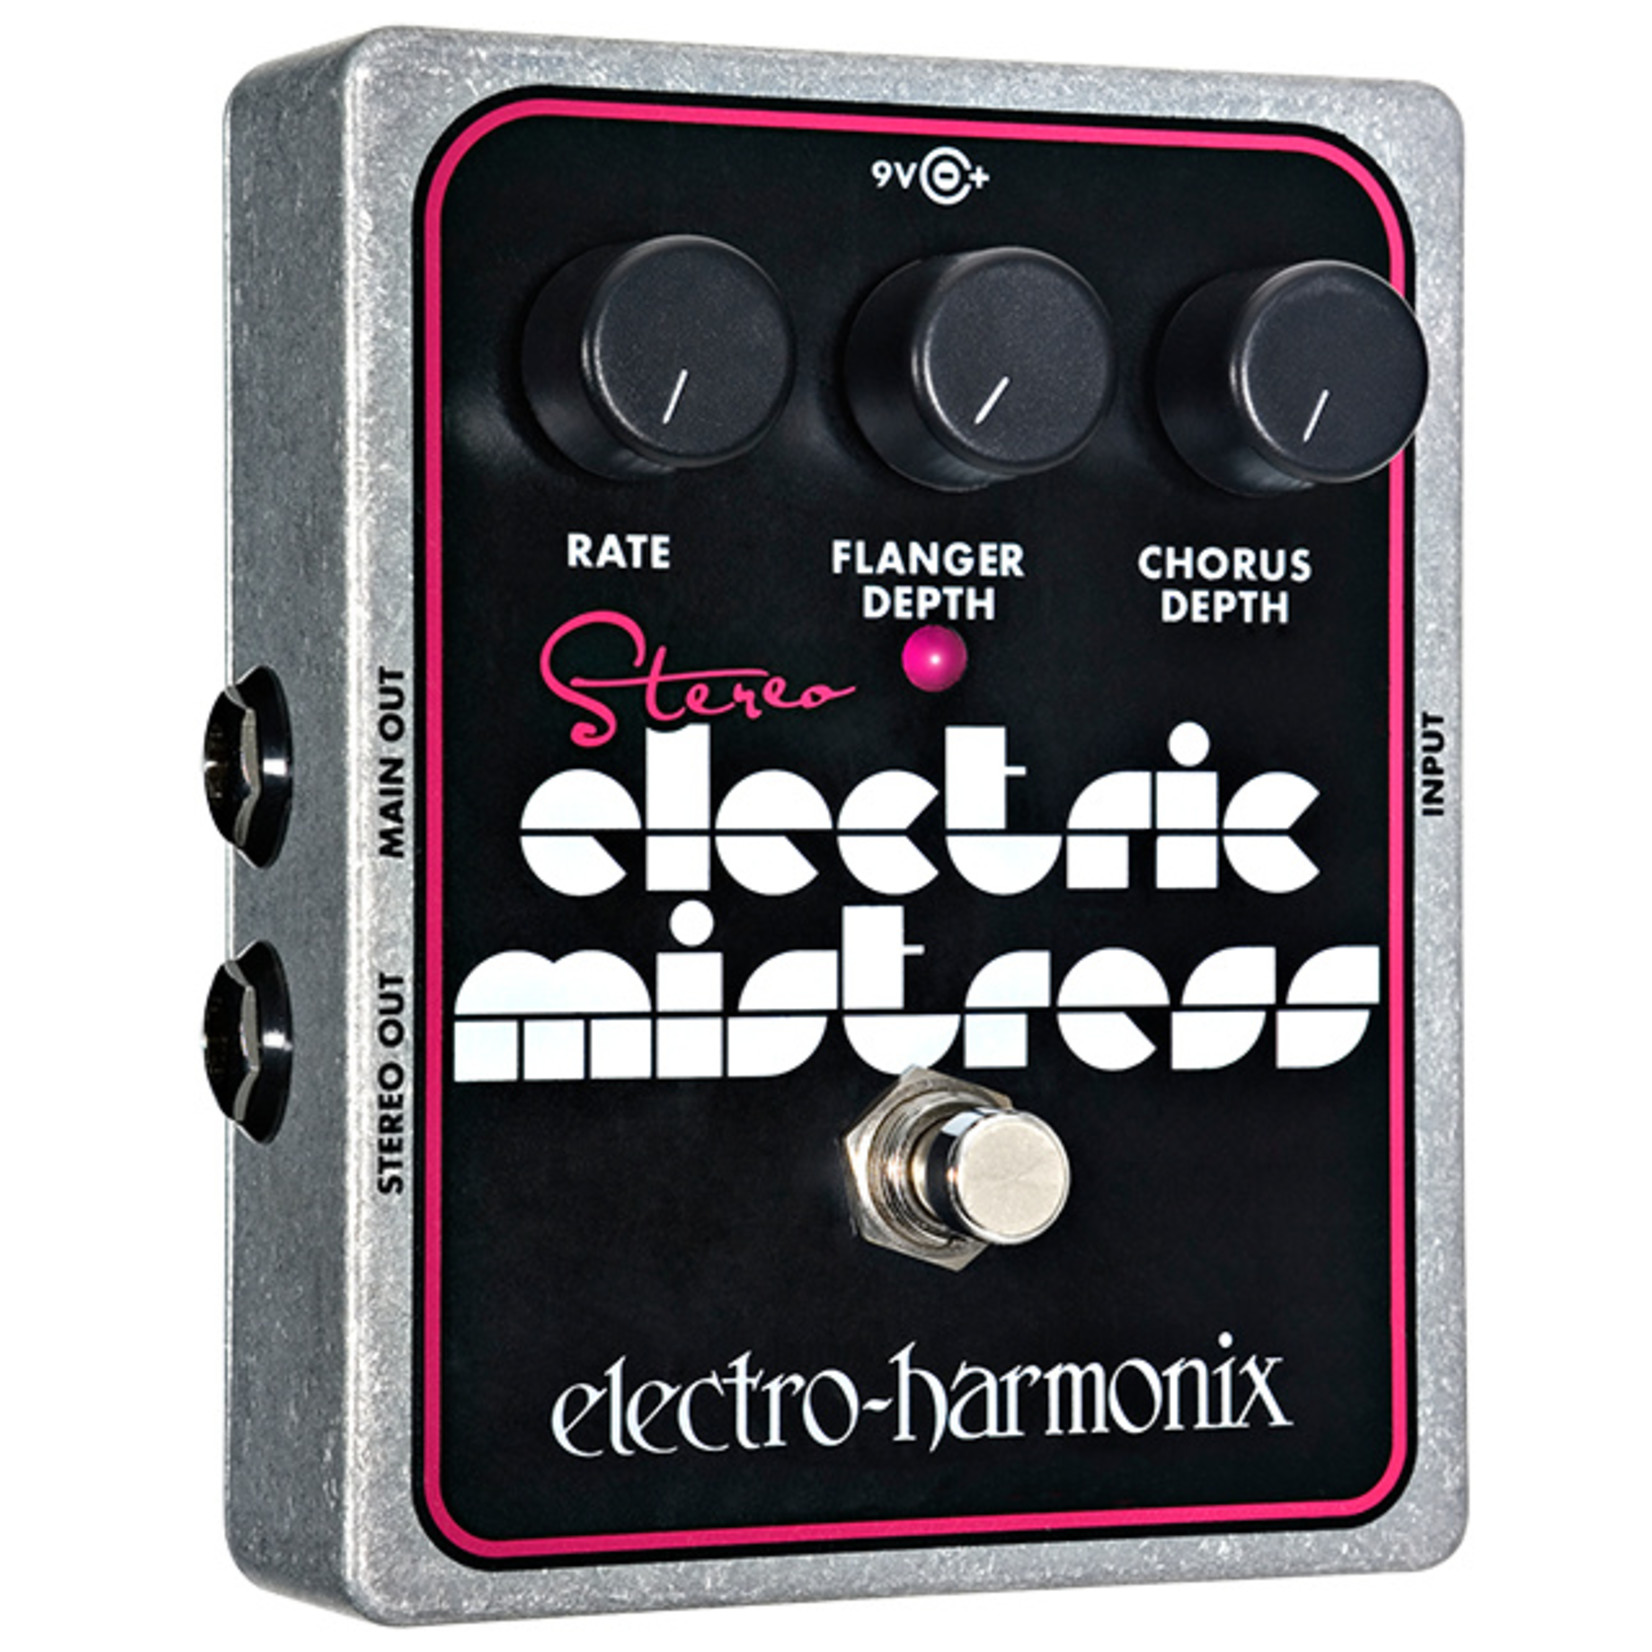 Electro Harmonix Electro Harmonix Stereo Electric Mistress Flanger/Chorus